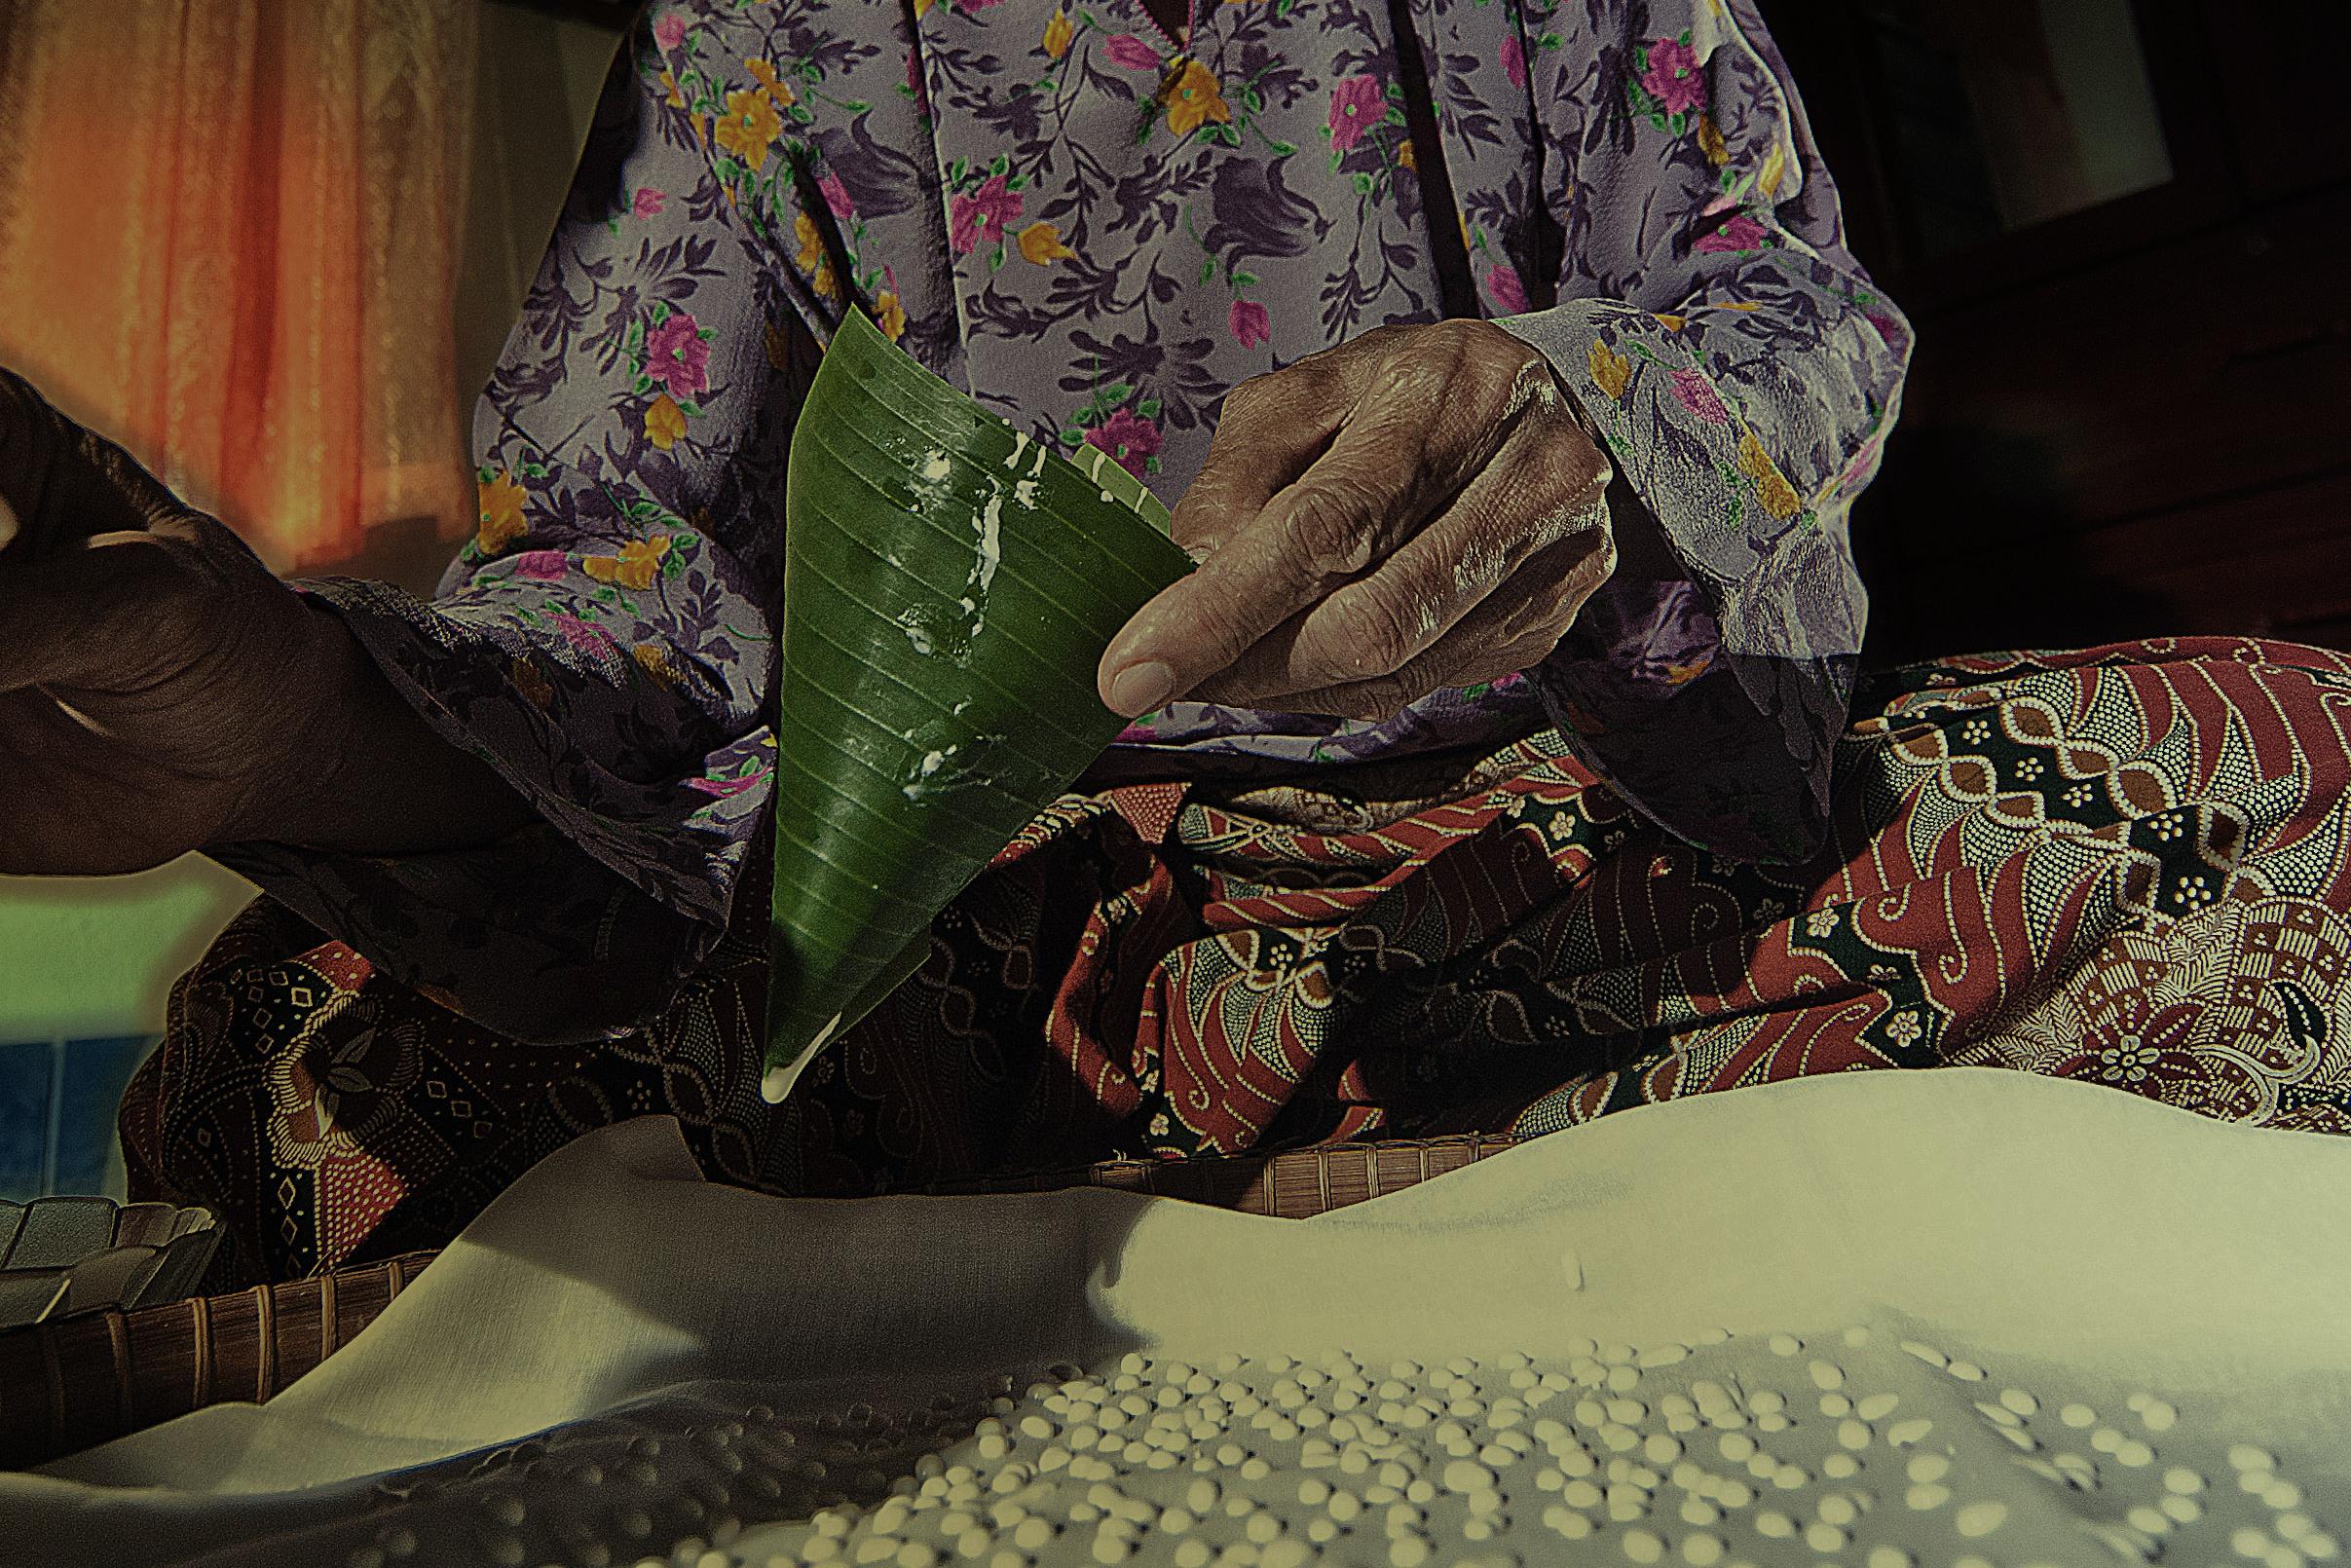 bedak sejuk, azjatyckie kosmetyki naturalne, jak kobiety z różnych stron świata dbają o urodę, rytuały piękna